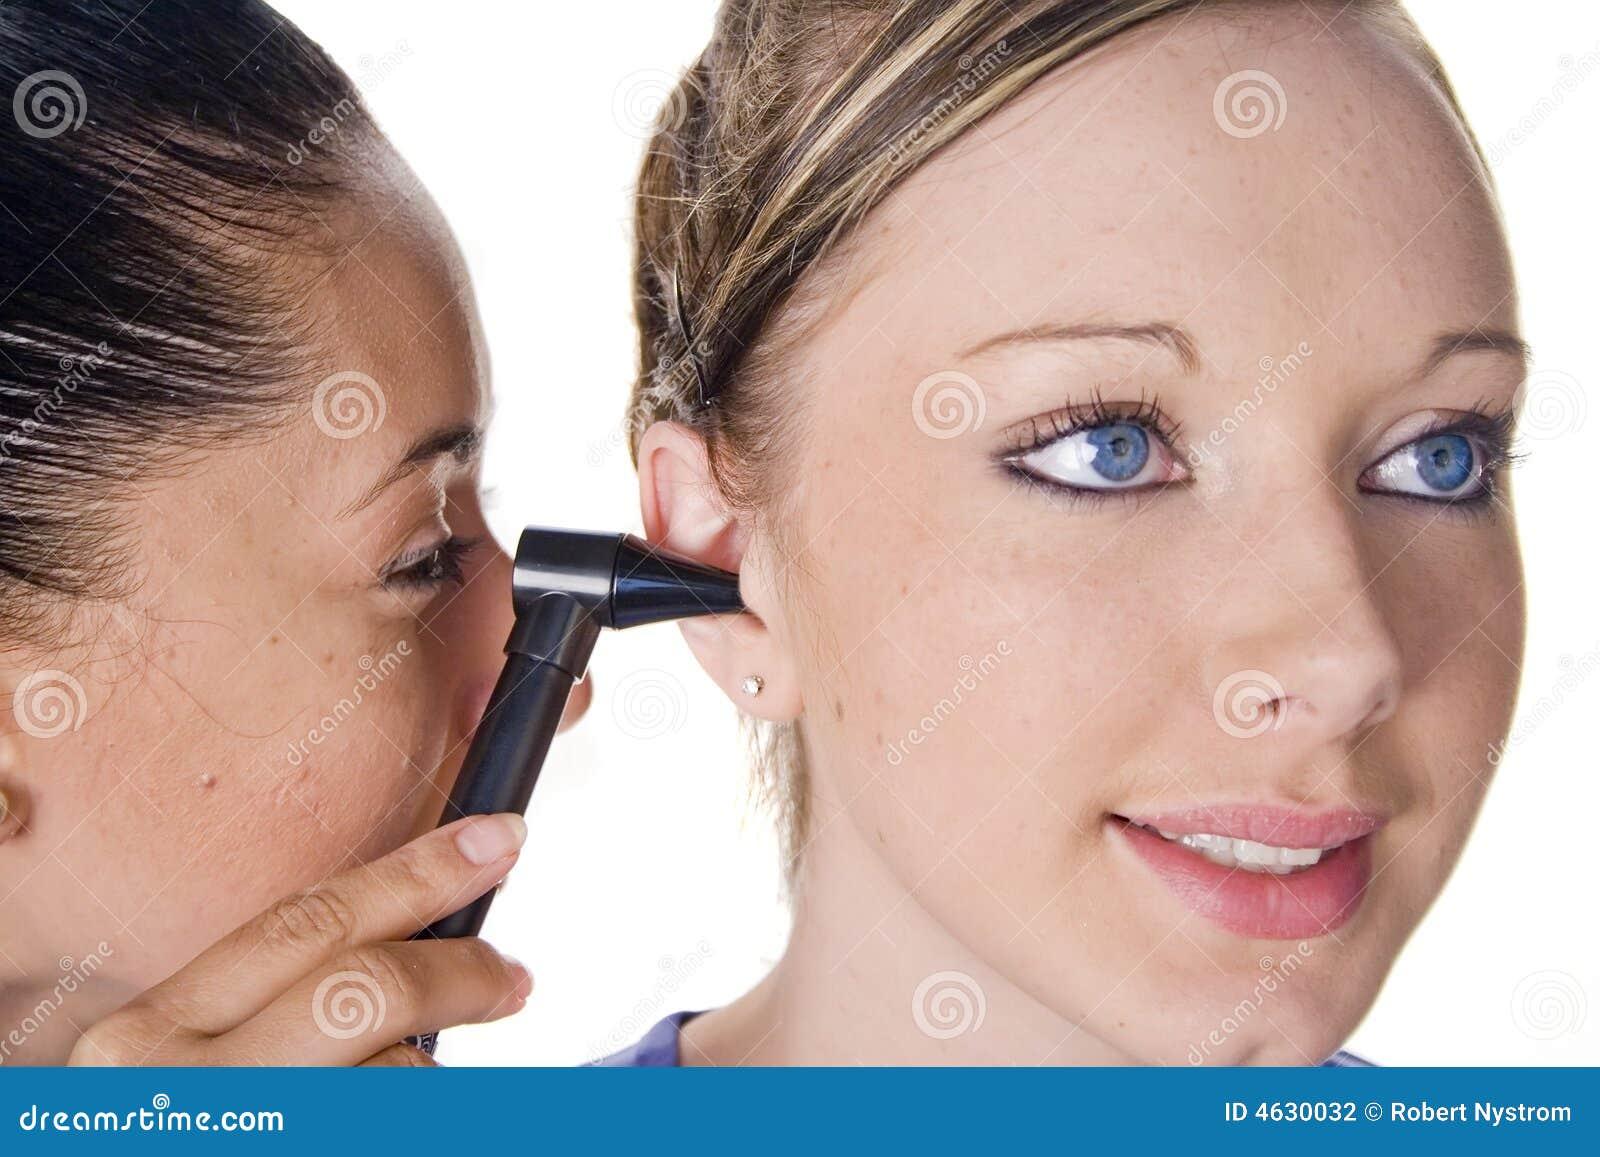 Exame da orelha